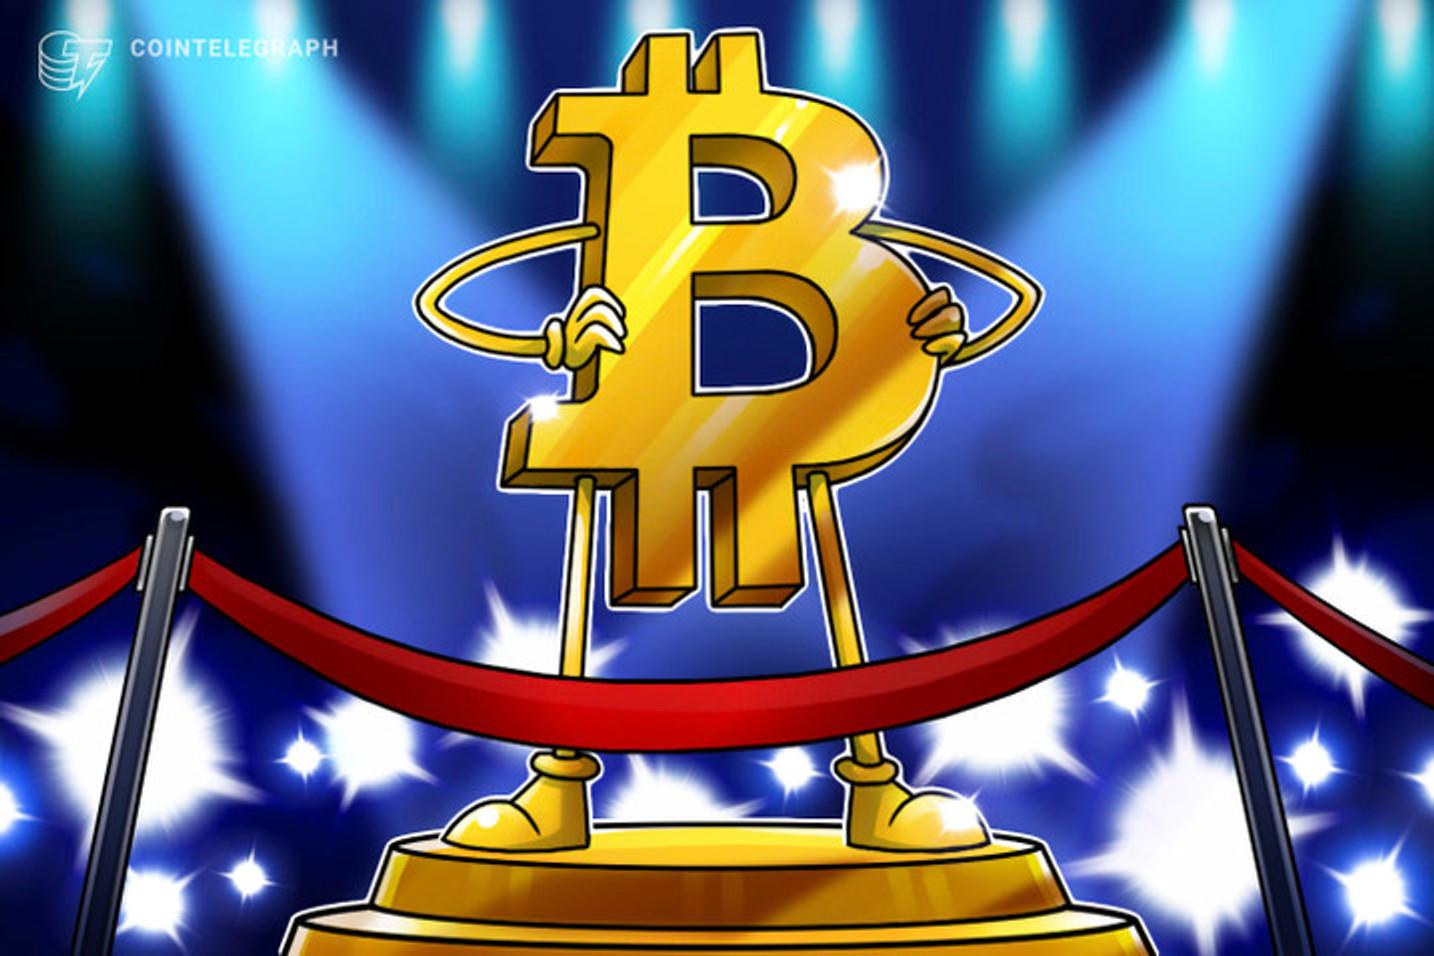 ¿Qué dicen los expertos sobre Bitcoin?